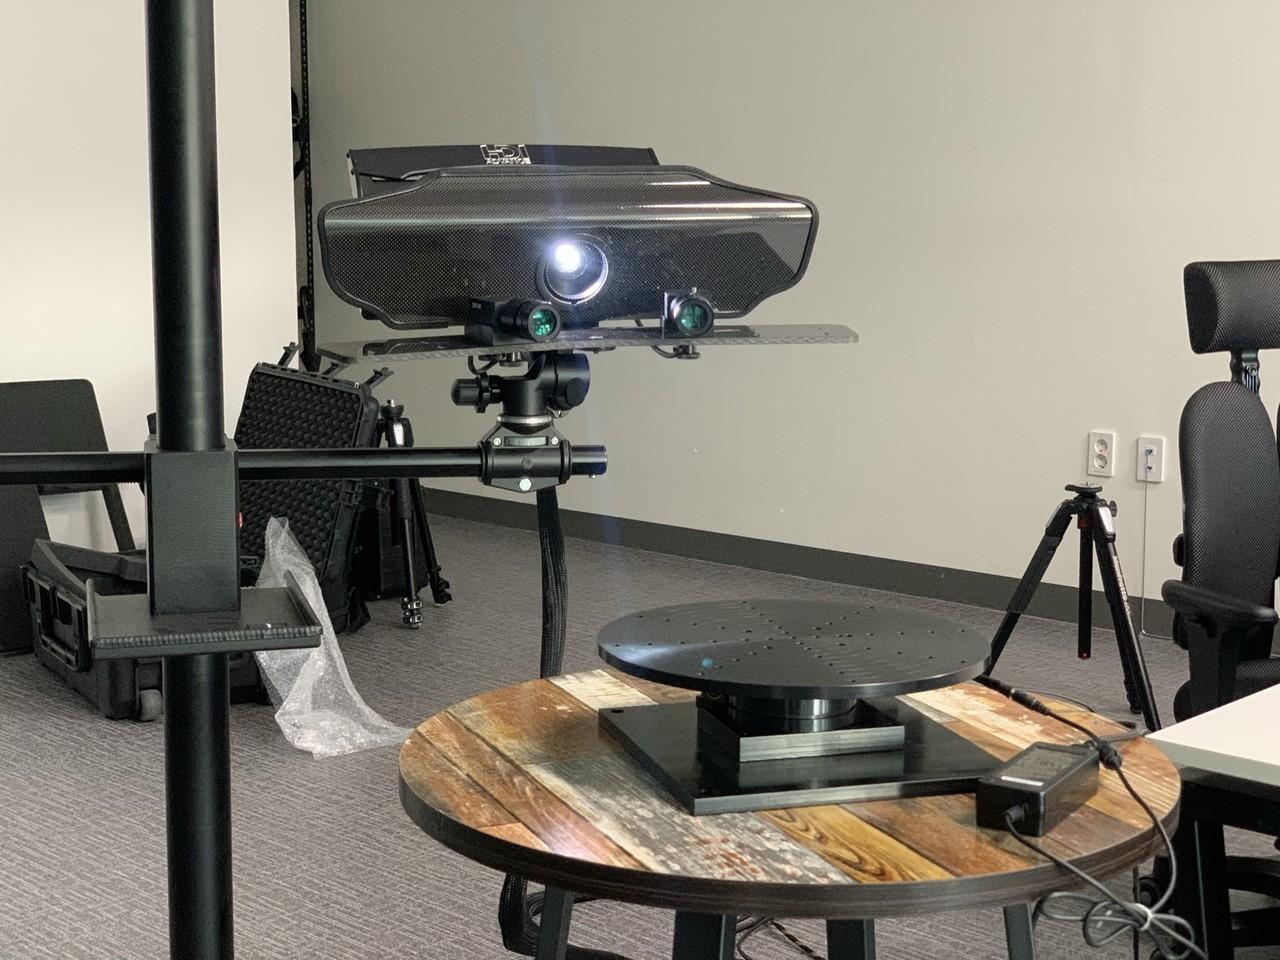 Heavy Duty Rotary Table을 Polyga Carbon을 이용한 3D스캐닝 모습